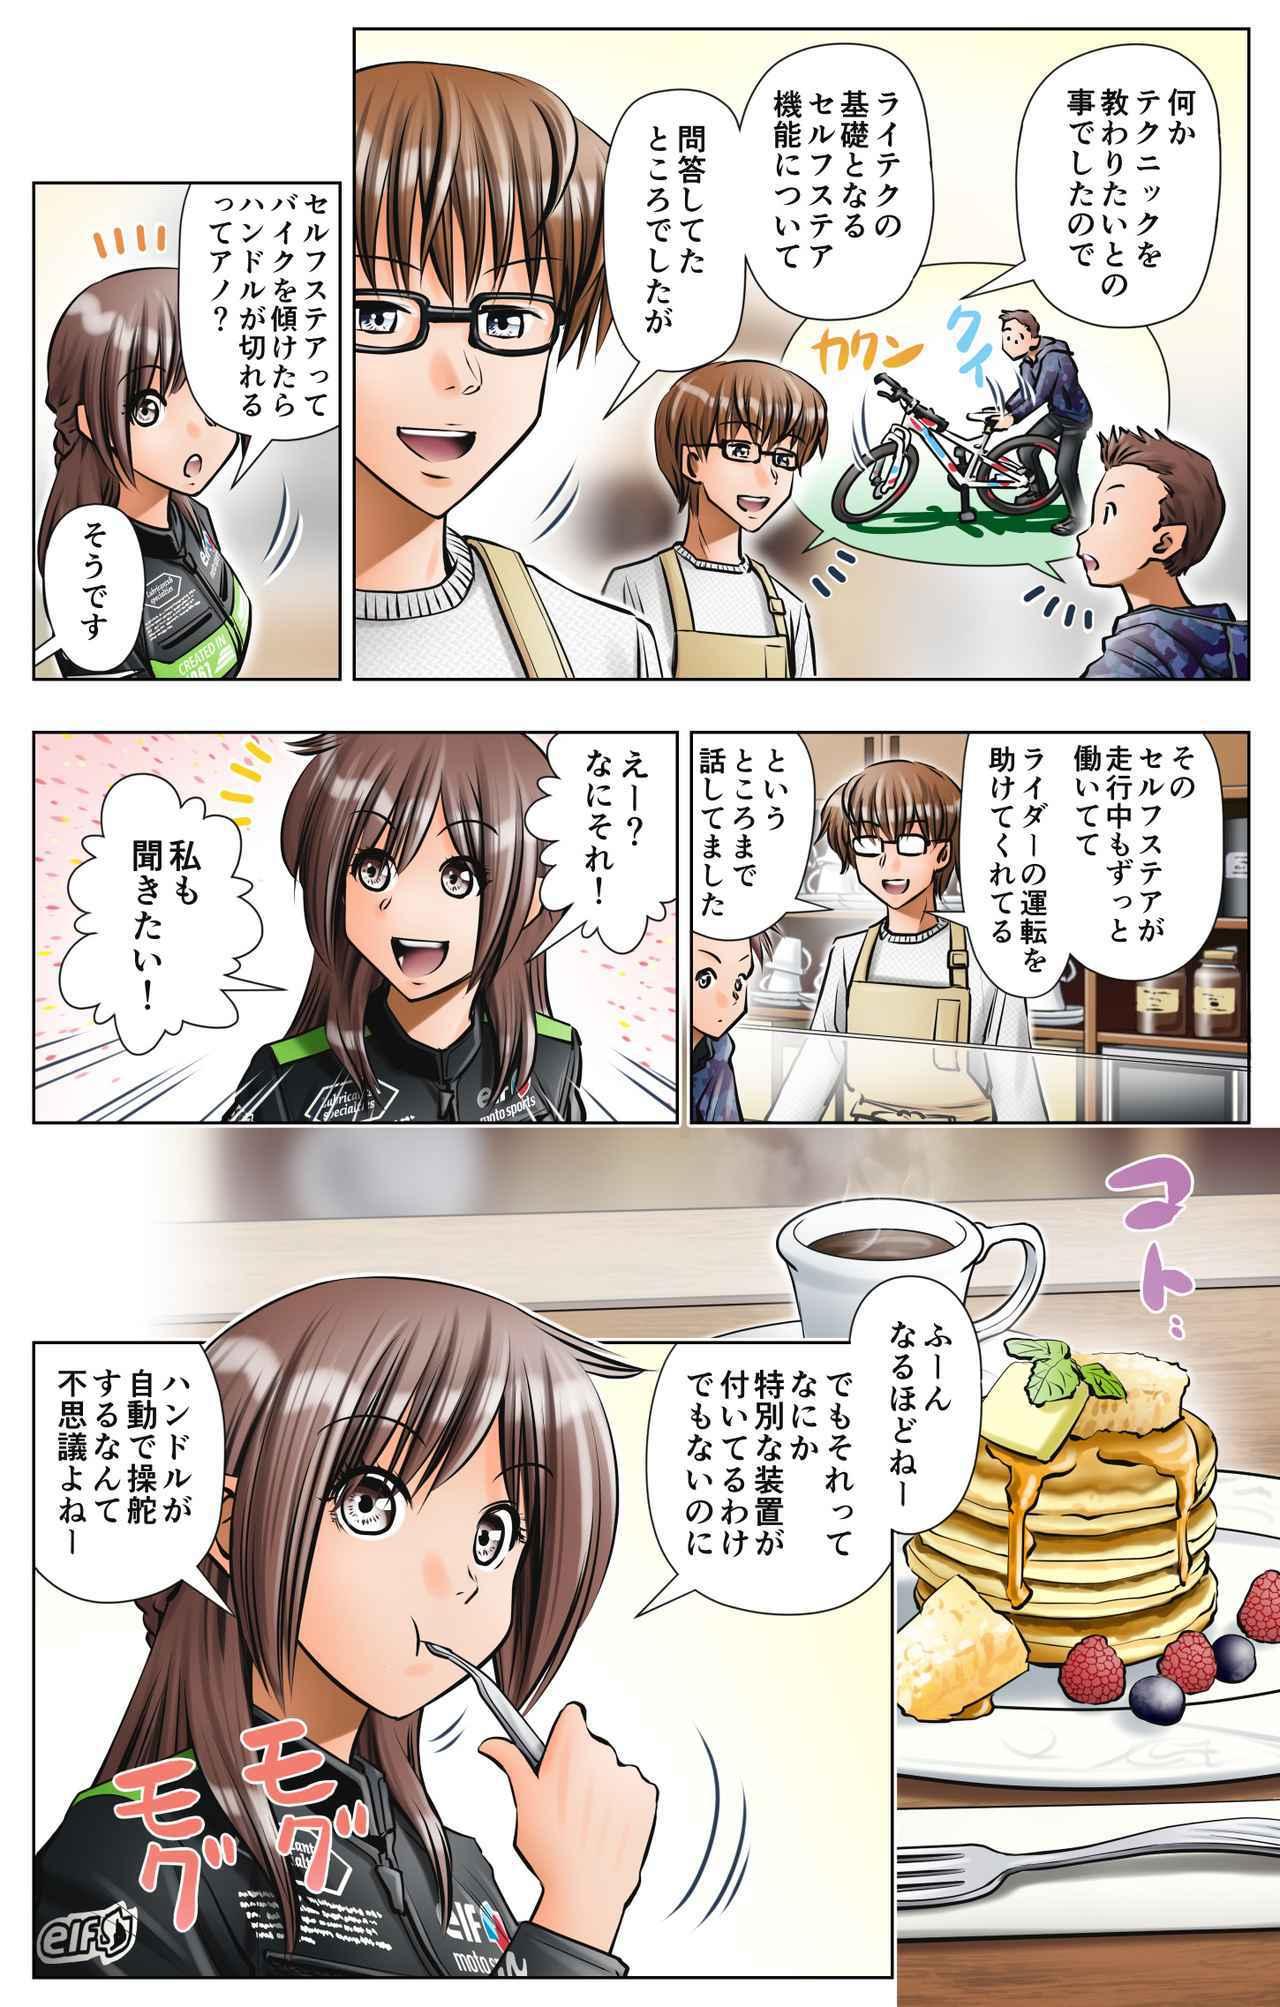 画像2: 第6話 解説! セルフステアのメカニズム/ゆる~くライテク談義『モトシーカーズ・カフェへようこそ!』